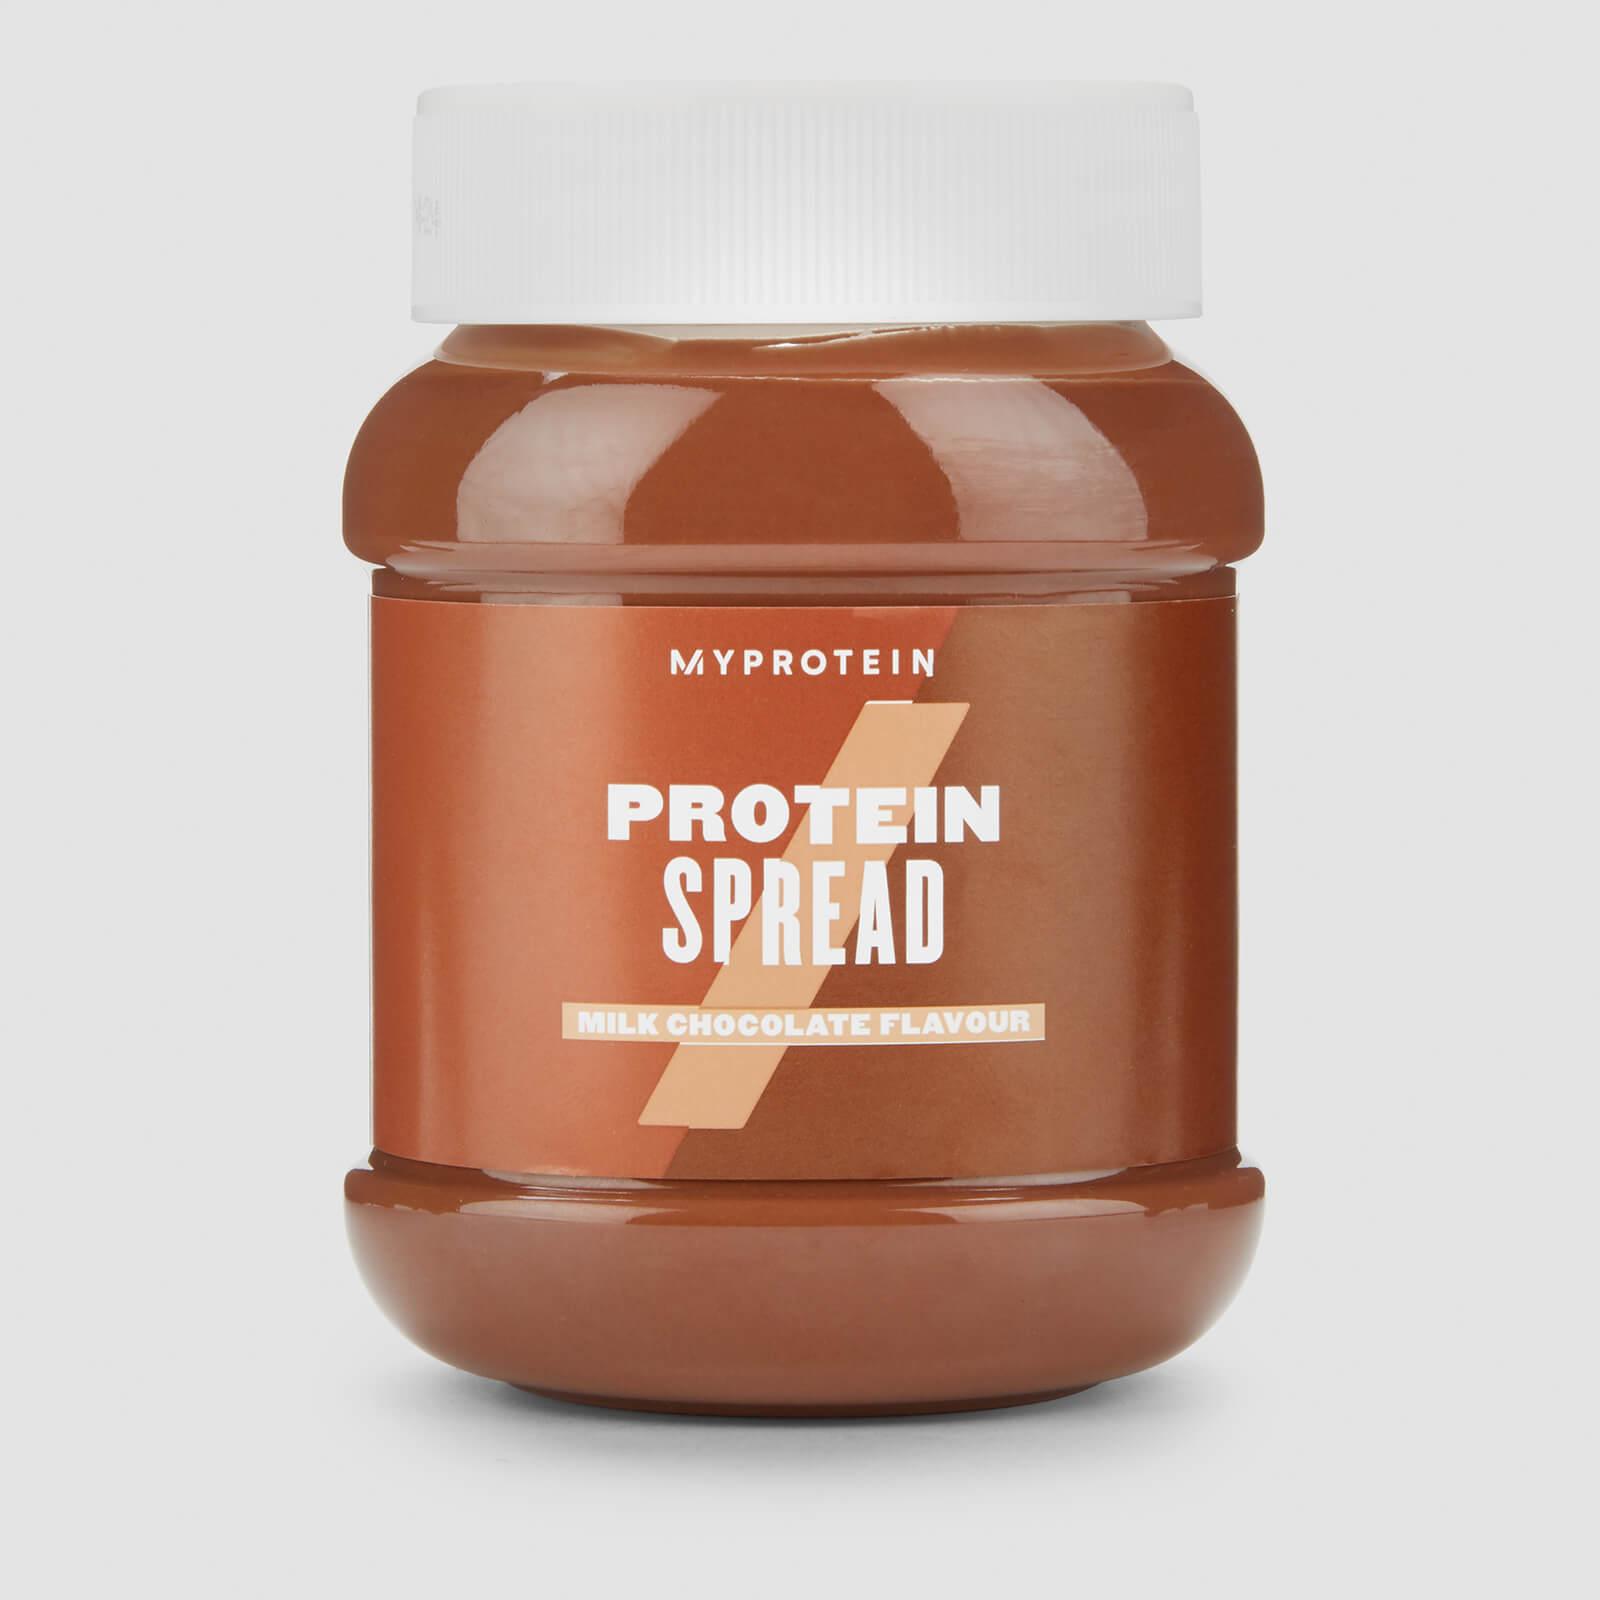 Myprotein Pâte à tartiner allégée protéinée - 360g - Chocolat au lait